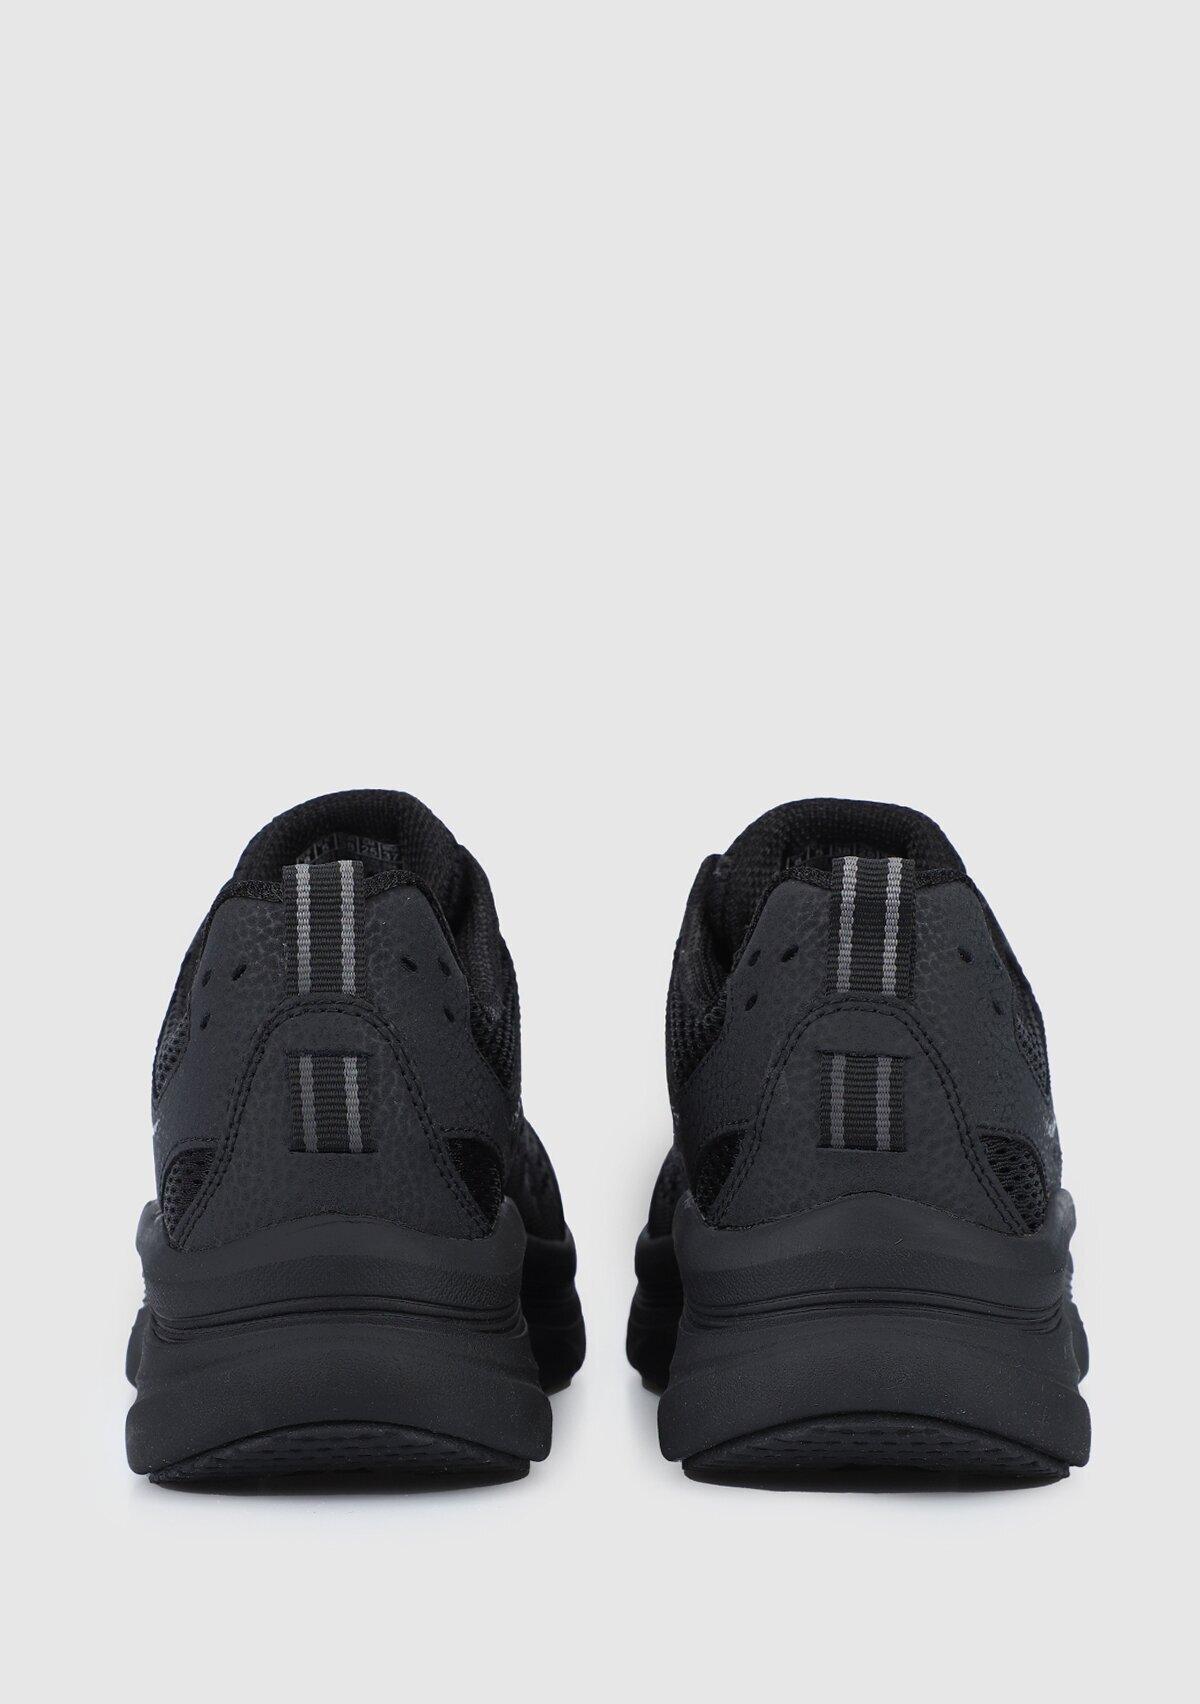 resm Max Flex Siyah Kadın Sneaker 149023Bbk